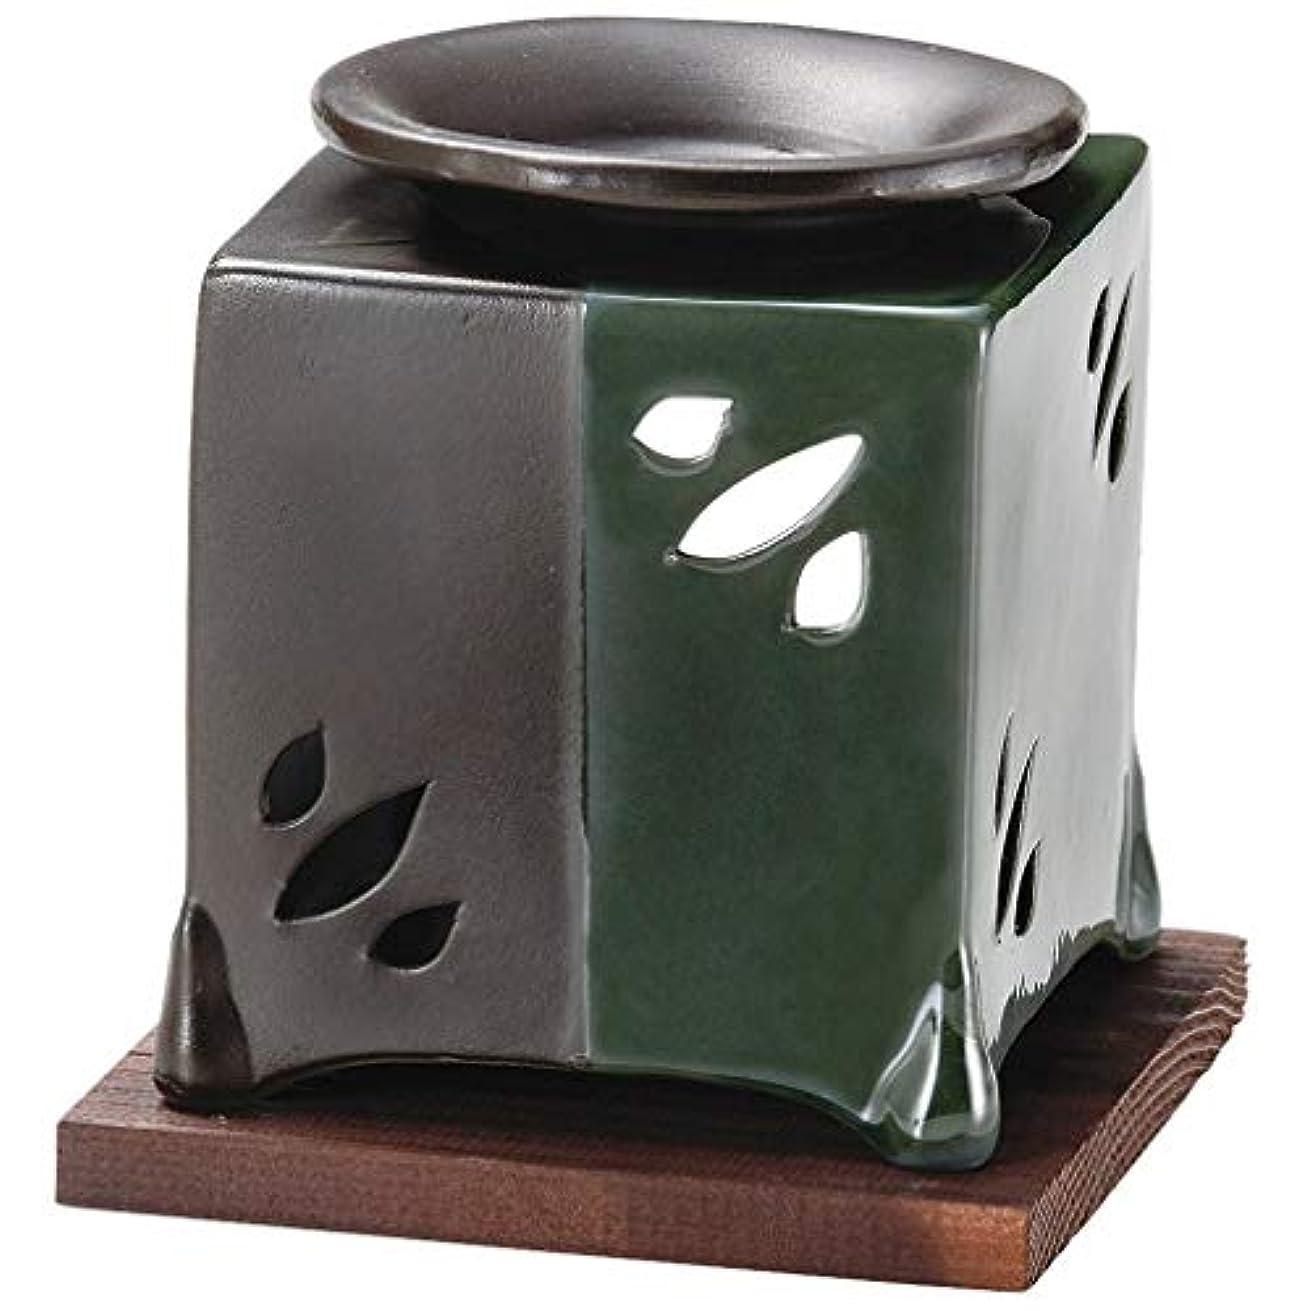 タンパク質額非難常滑焼 G1711 茶香炉  9×9×11cm